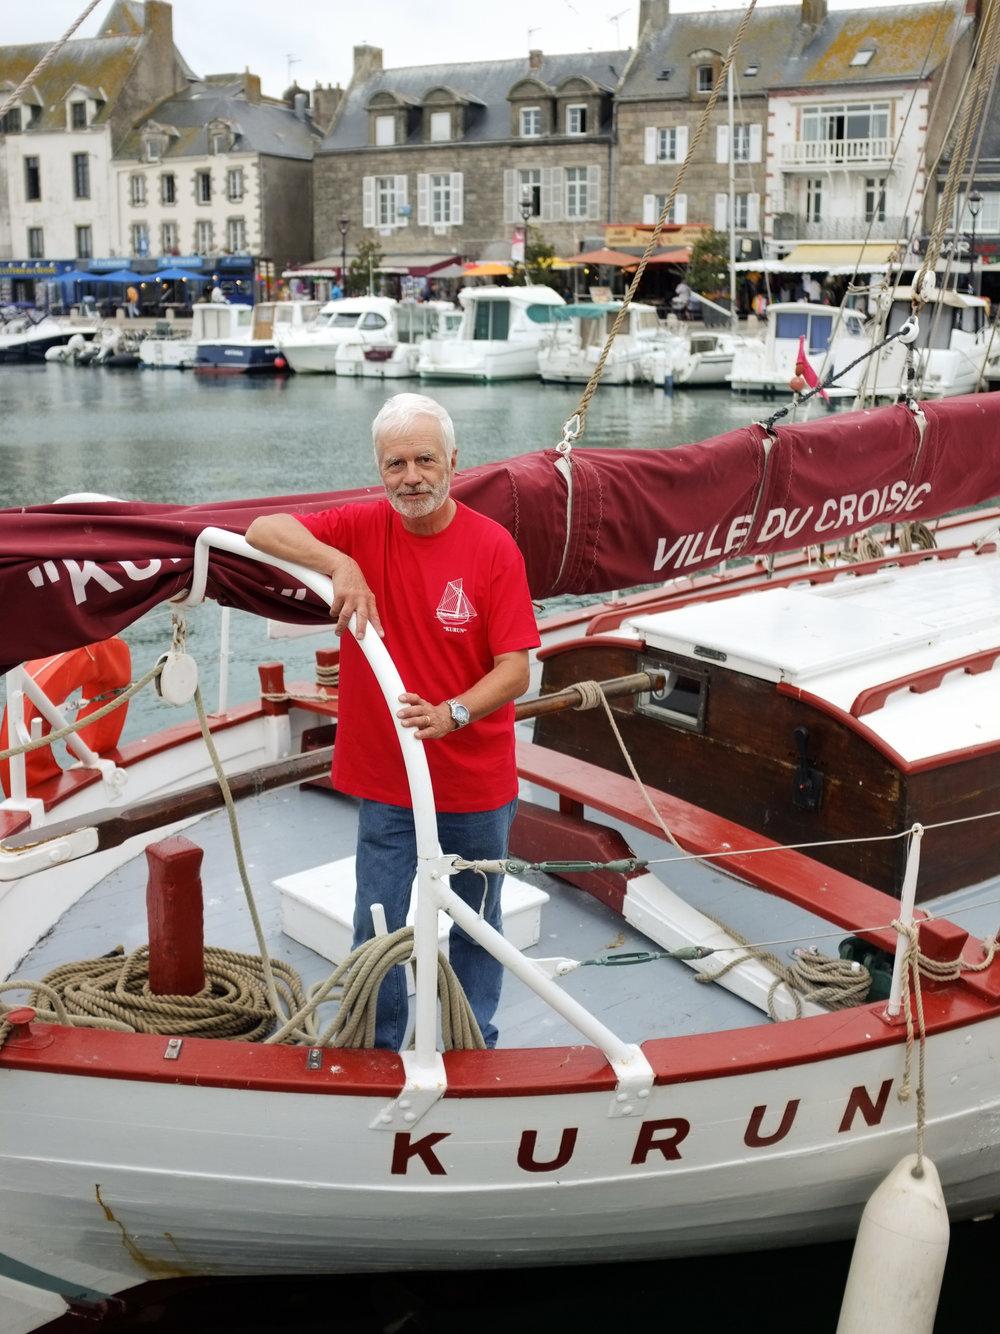 Patrick Nalis, président de l'association «Les amis du Kurun », qui assure la conservation du bateau de Jacques-Yves Le Toumelin, proprietéde la Ville du Croisic et monument historique. Kurun («Tonnerre » en breton) est un cotre de plaisance de type norvégien, dessiné par l'architecte naval Henri Dervin pour le navigateur français Jacques-Yves Le Toumelin, qui effectuera à son bord un tour du monde de 1949 à 1952. Il fait l'objet d'un classement au titre des monuments historiques depuis le 30 octobre 1993.